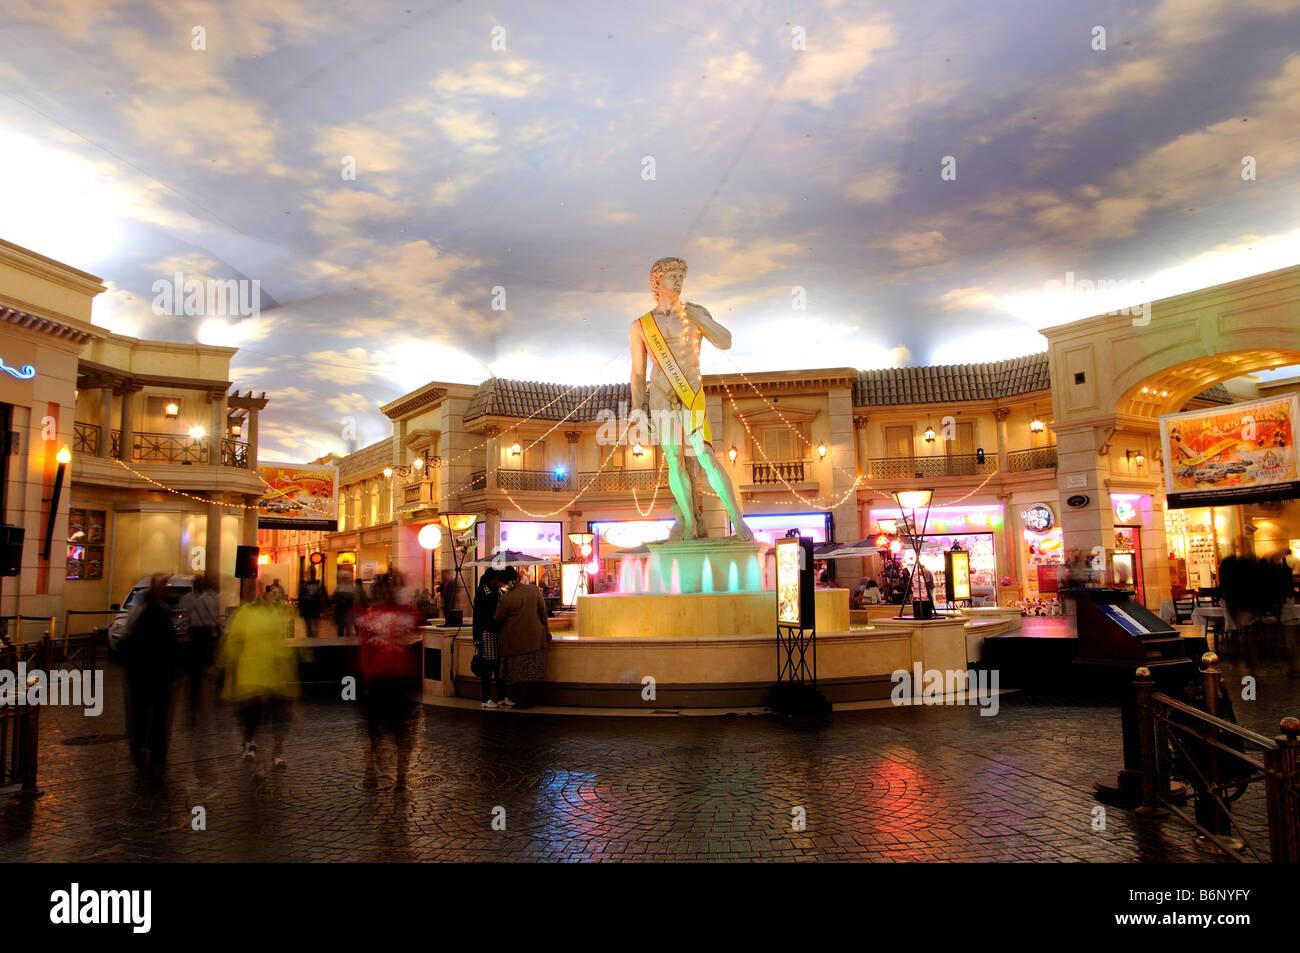 Palazzo imperiale mall Johannesburg Sudafrica Immagini Stock